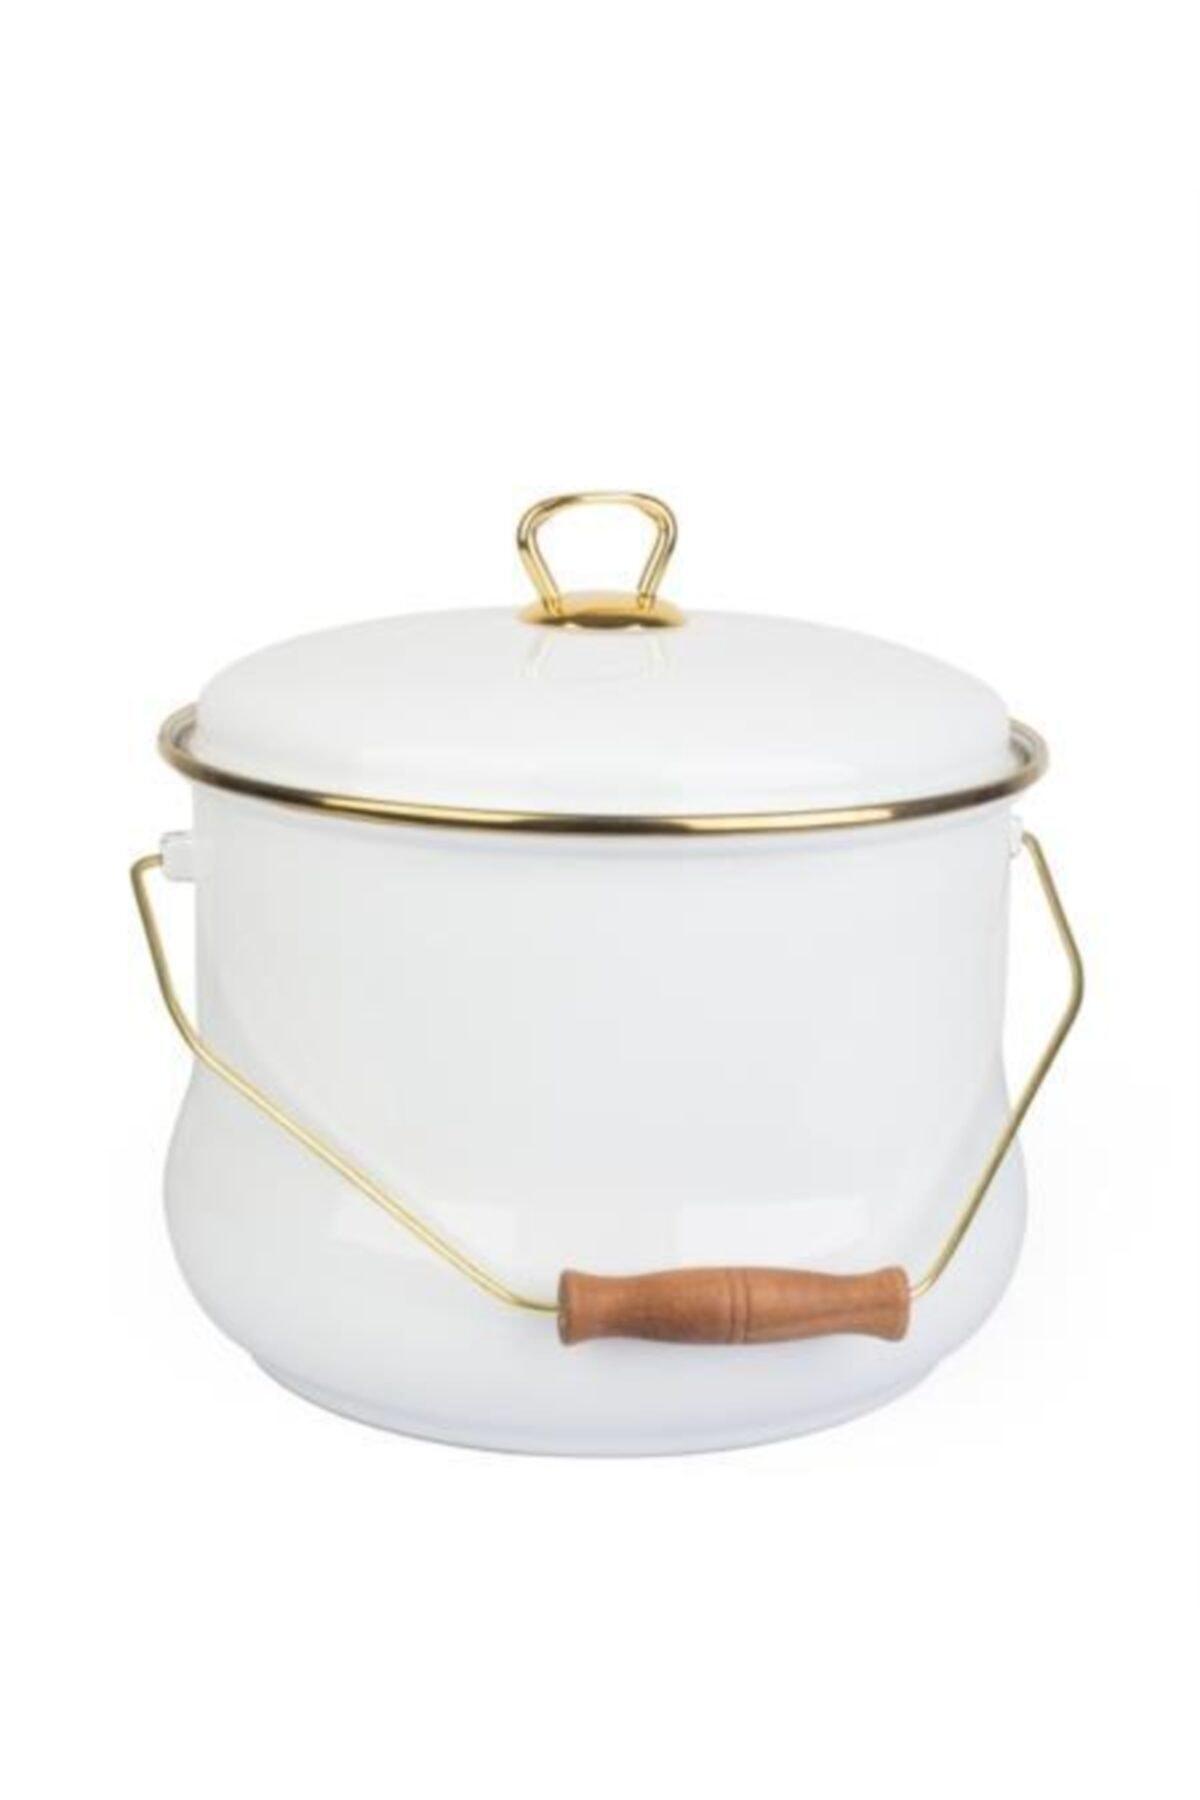 ACAR Qualita Serisi 24 Cm Gold Yaldız Emaye Bakraç Beyaz 16946 1